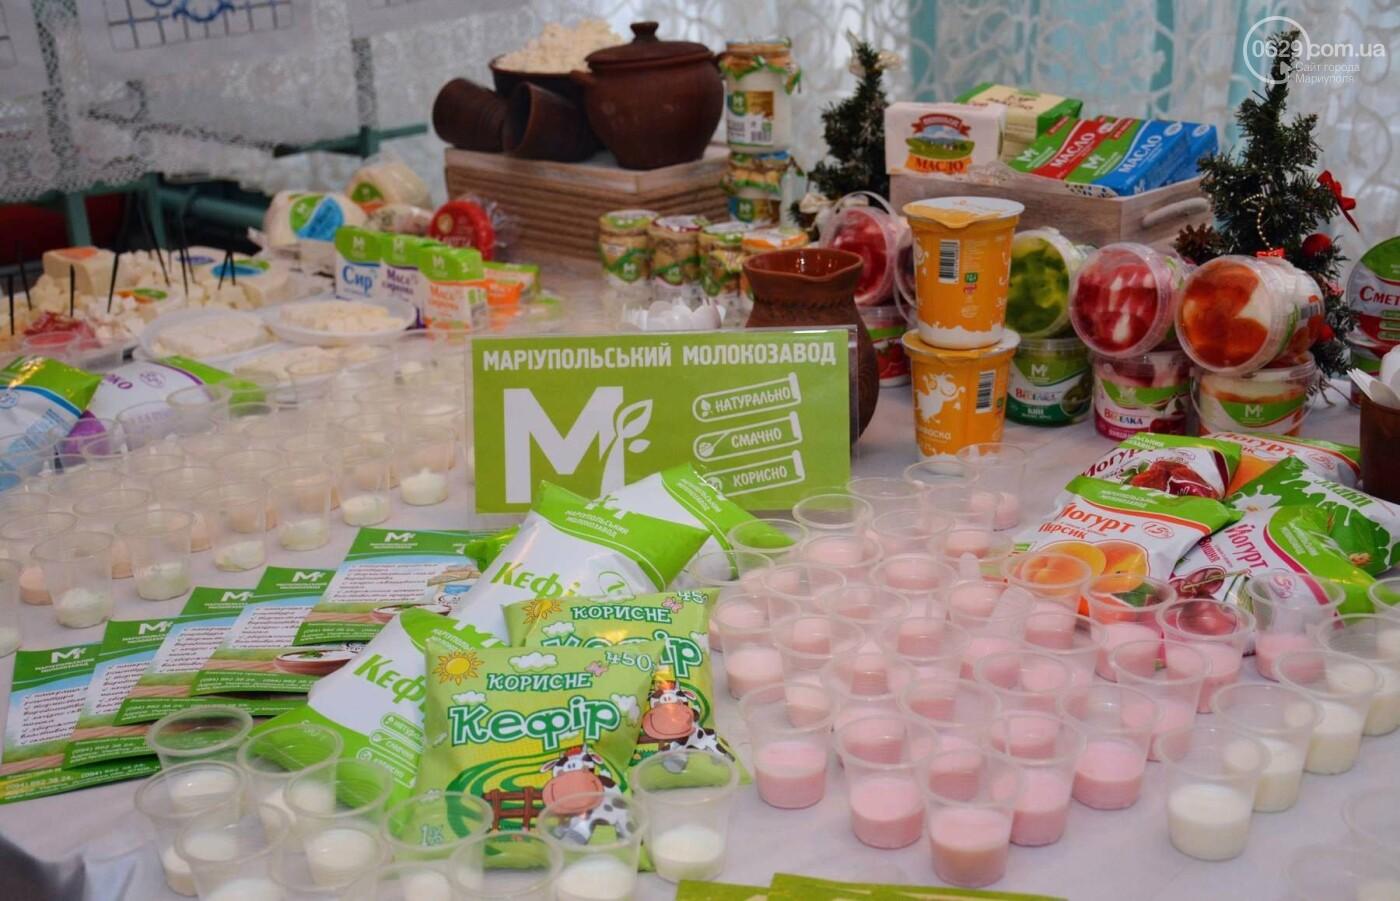 Больше молочных и мясных блюд, свежих овощей и фруктов: в ОШ № 15 представили обновленное меню для школьников., фото-4